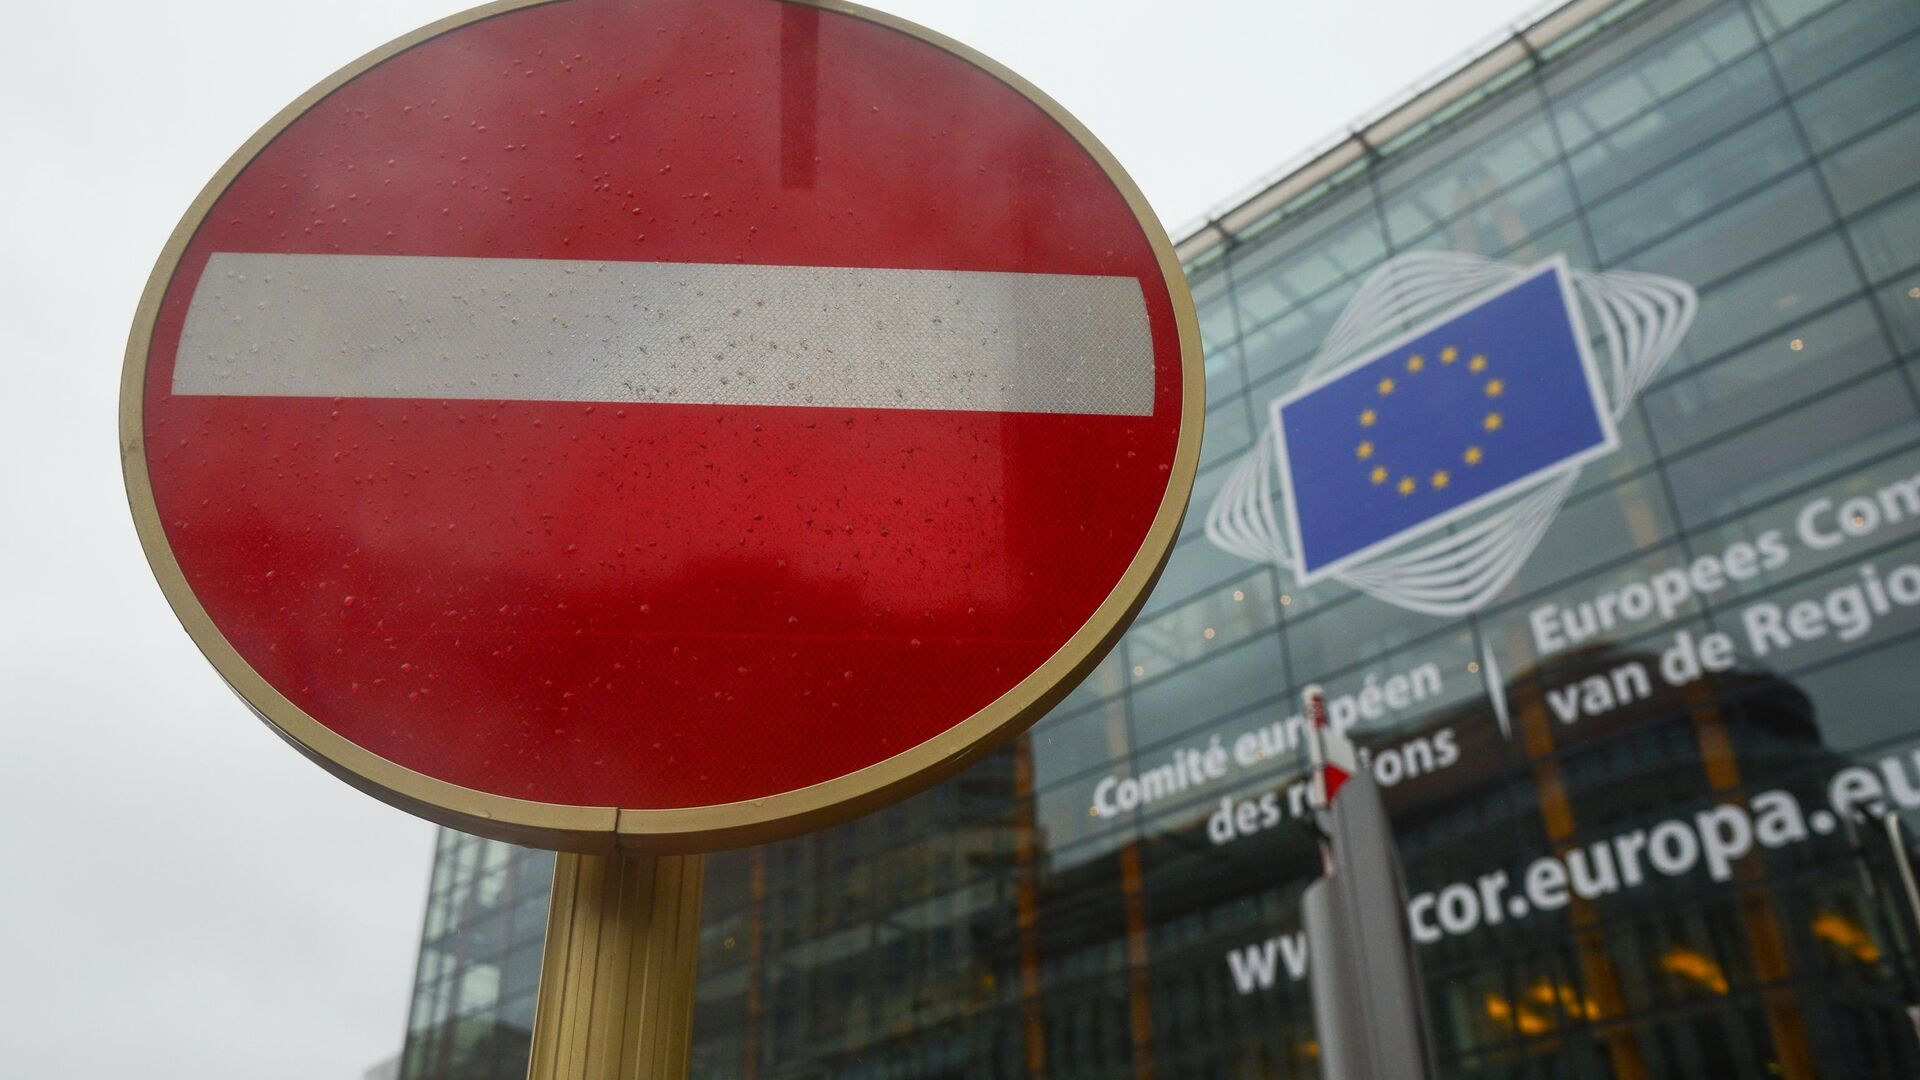 Логотип Евросоюза на здании штаб-квартиры Европейского парламента в Брюсселе - РИА Новости, 1920, 07.10.2020